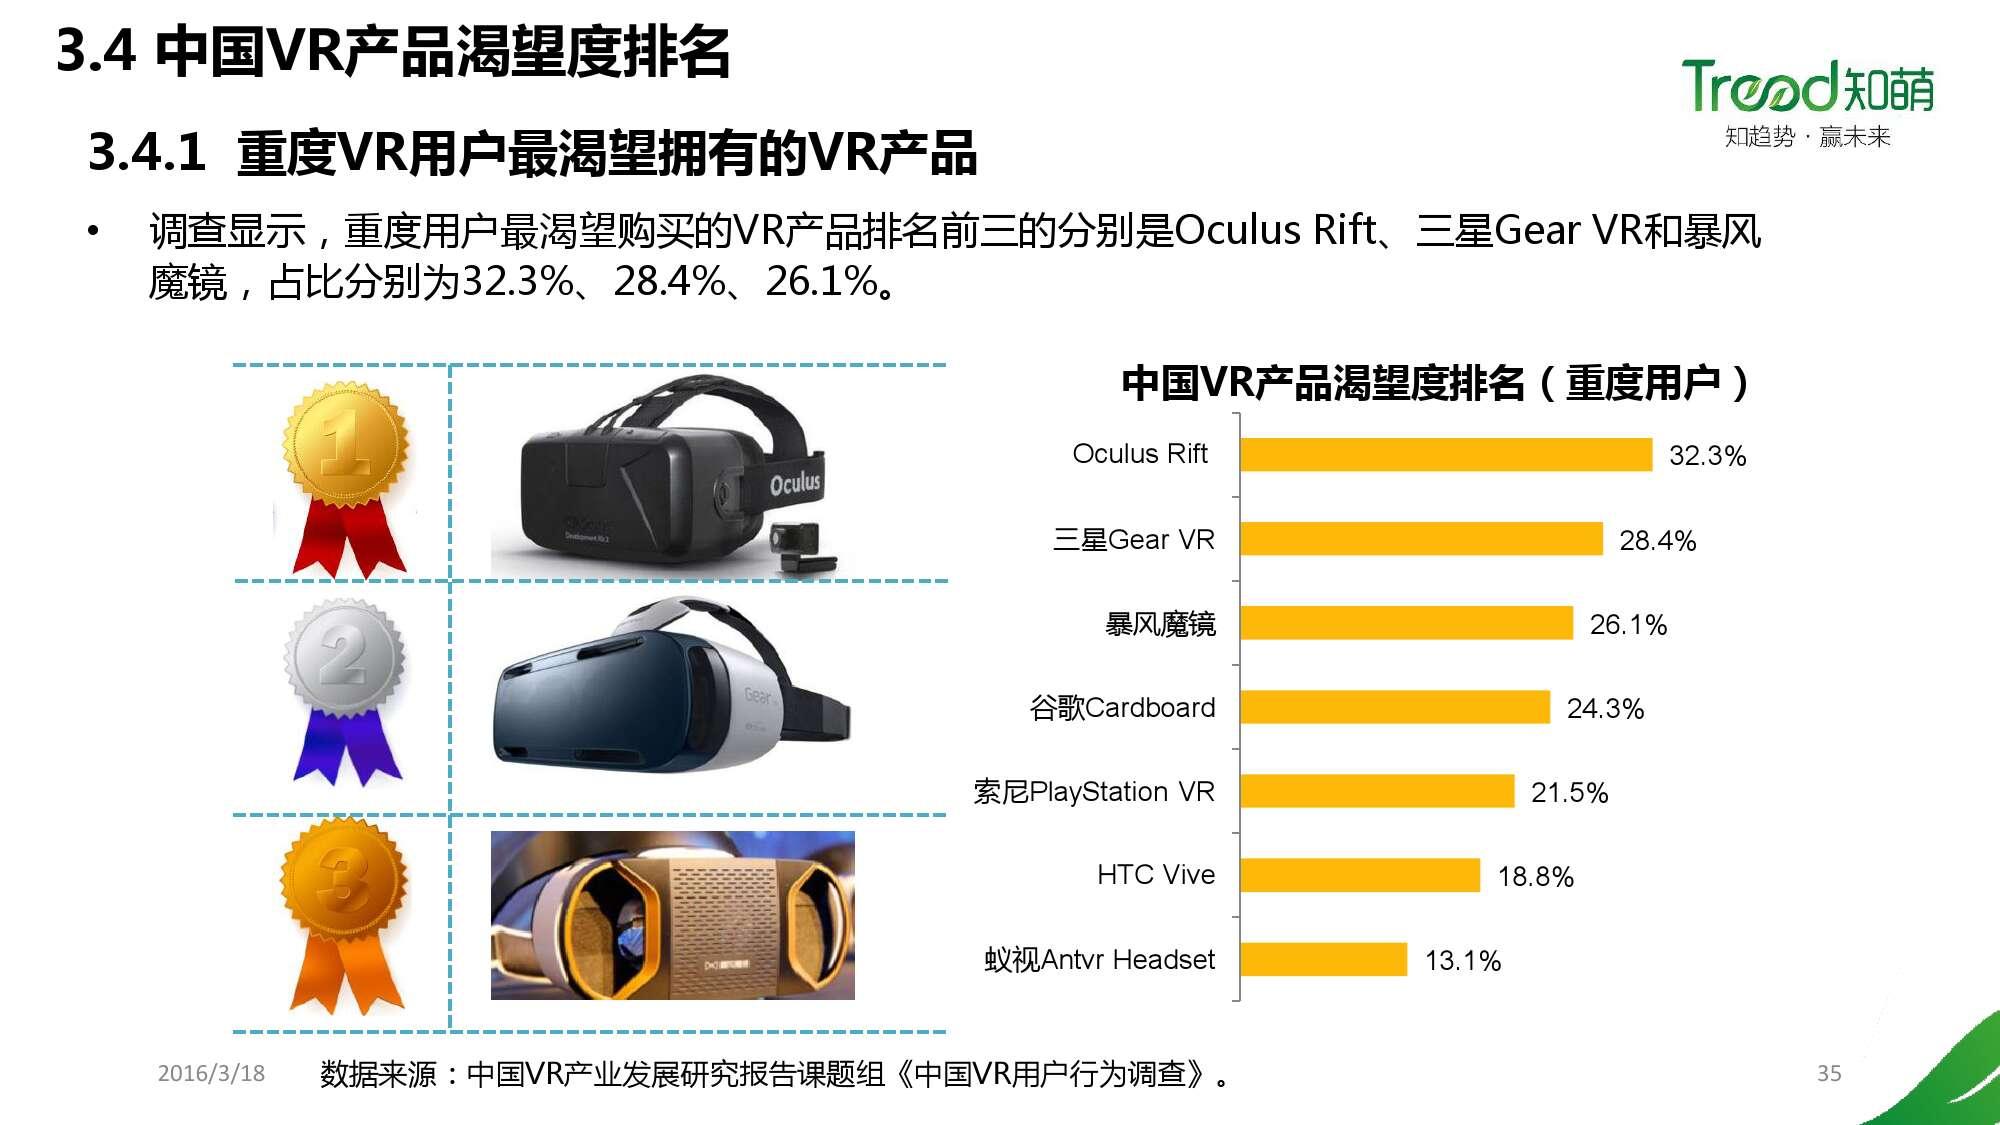 中国VR用户行为研究报告_000035